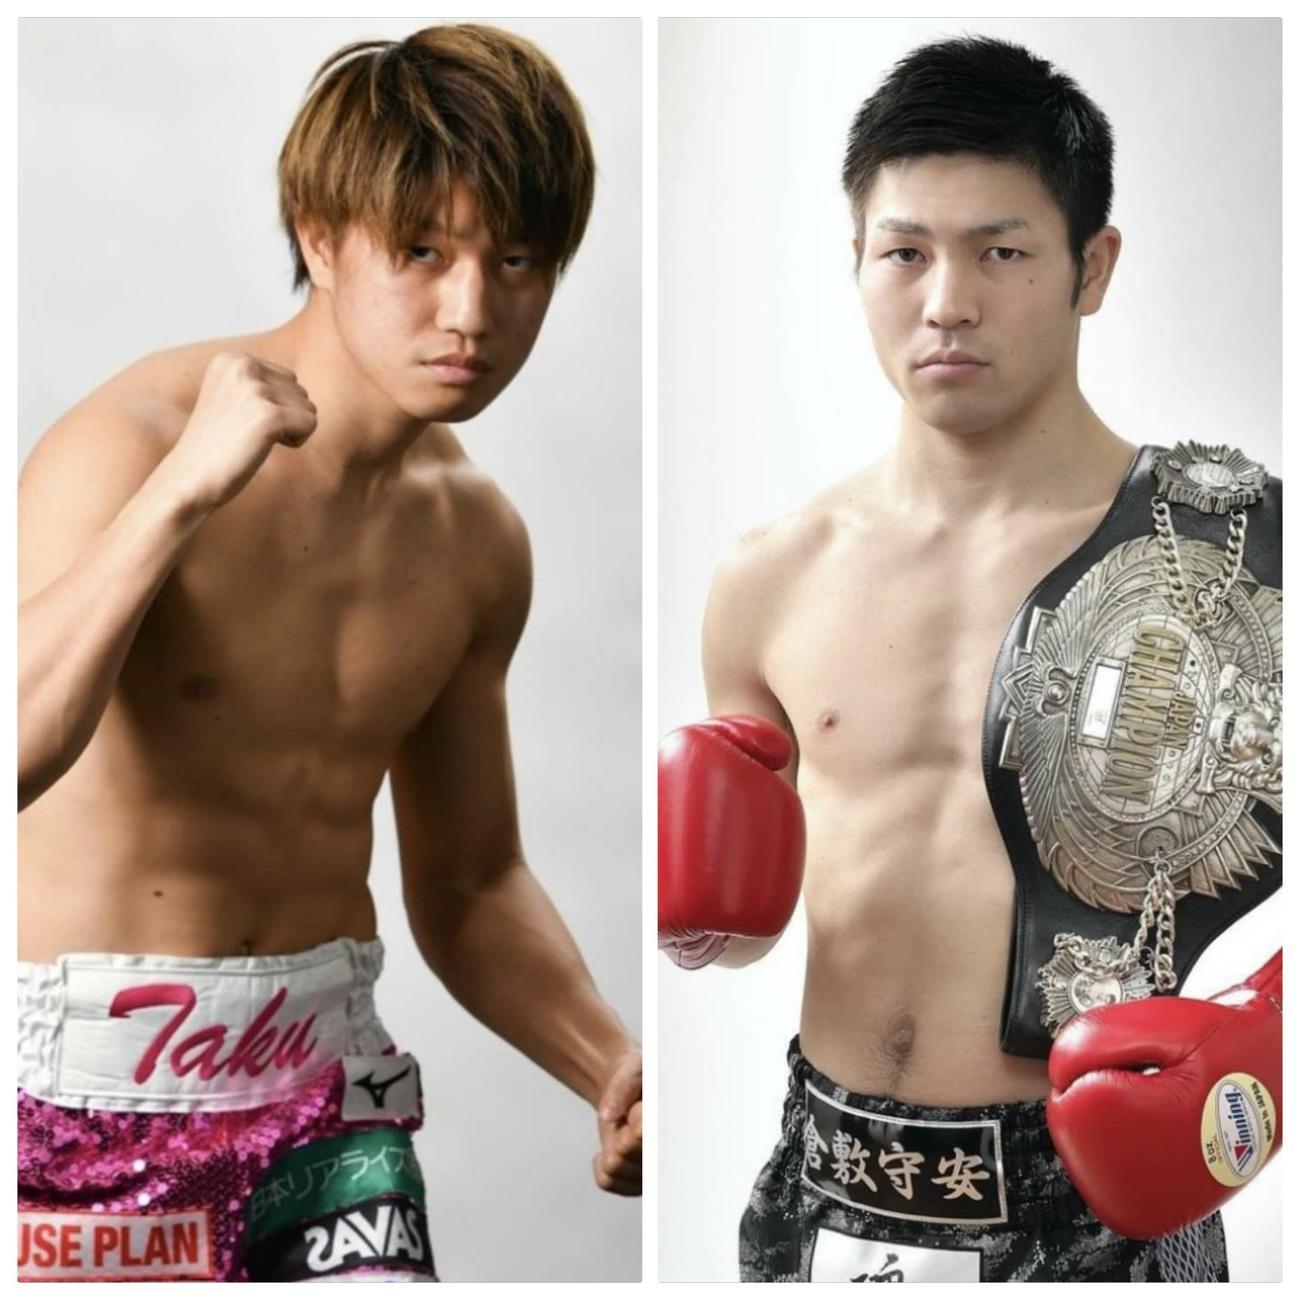 ボクシング日本フライ級王者ユーリ阿久井(右)に挑戦する同級6位桑原(大橋ジム提供)